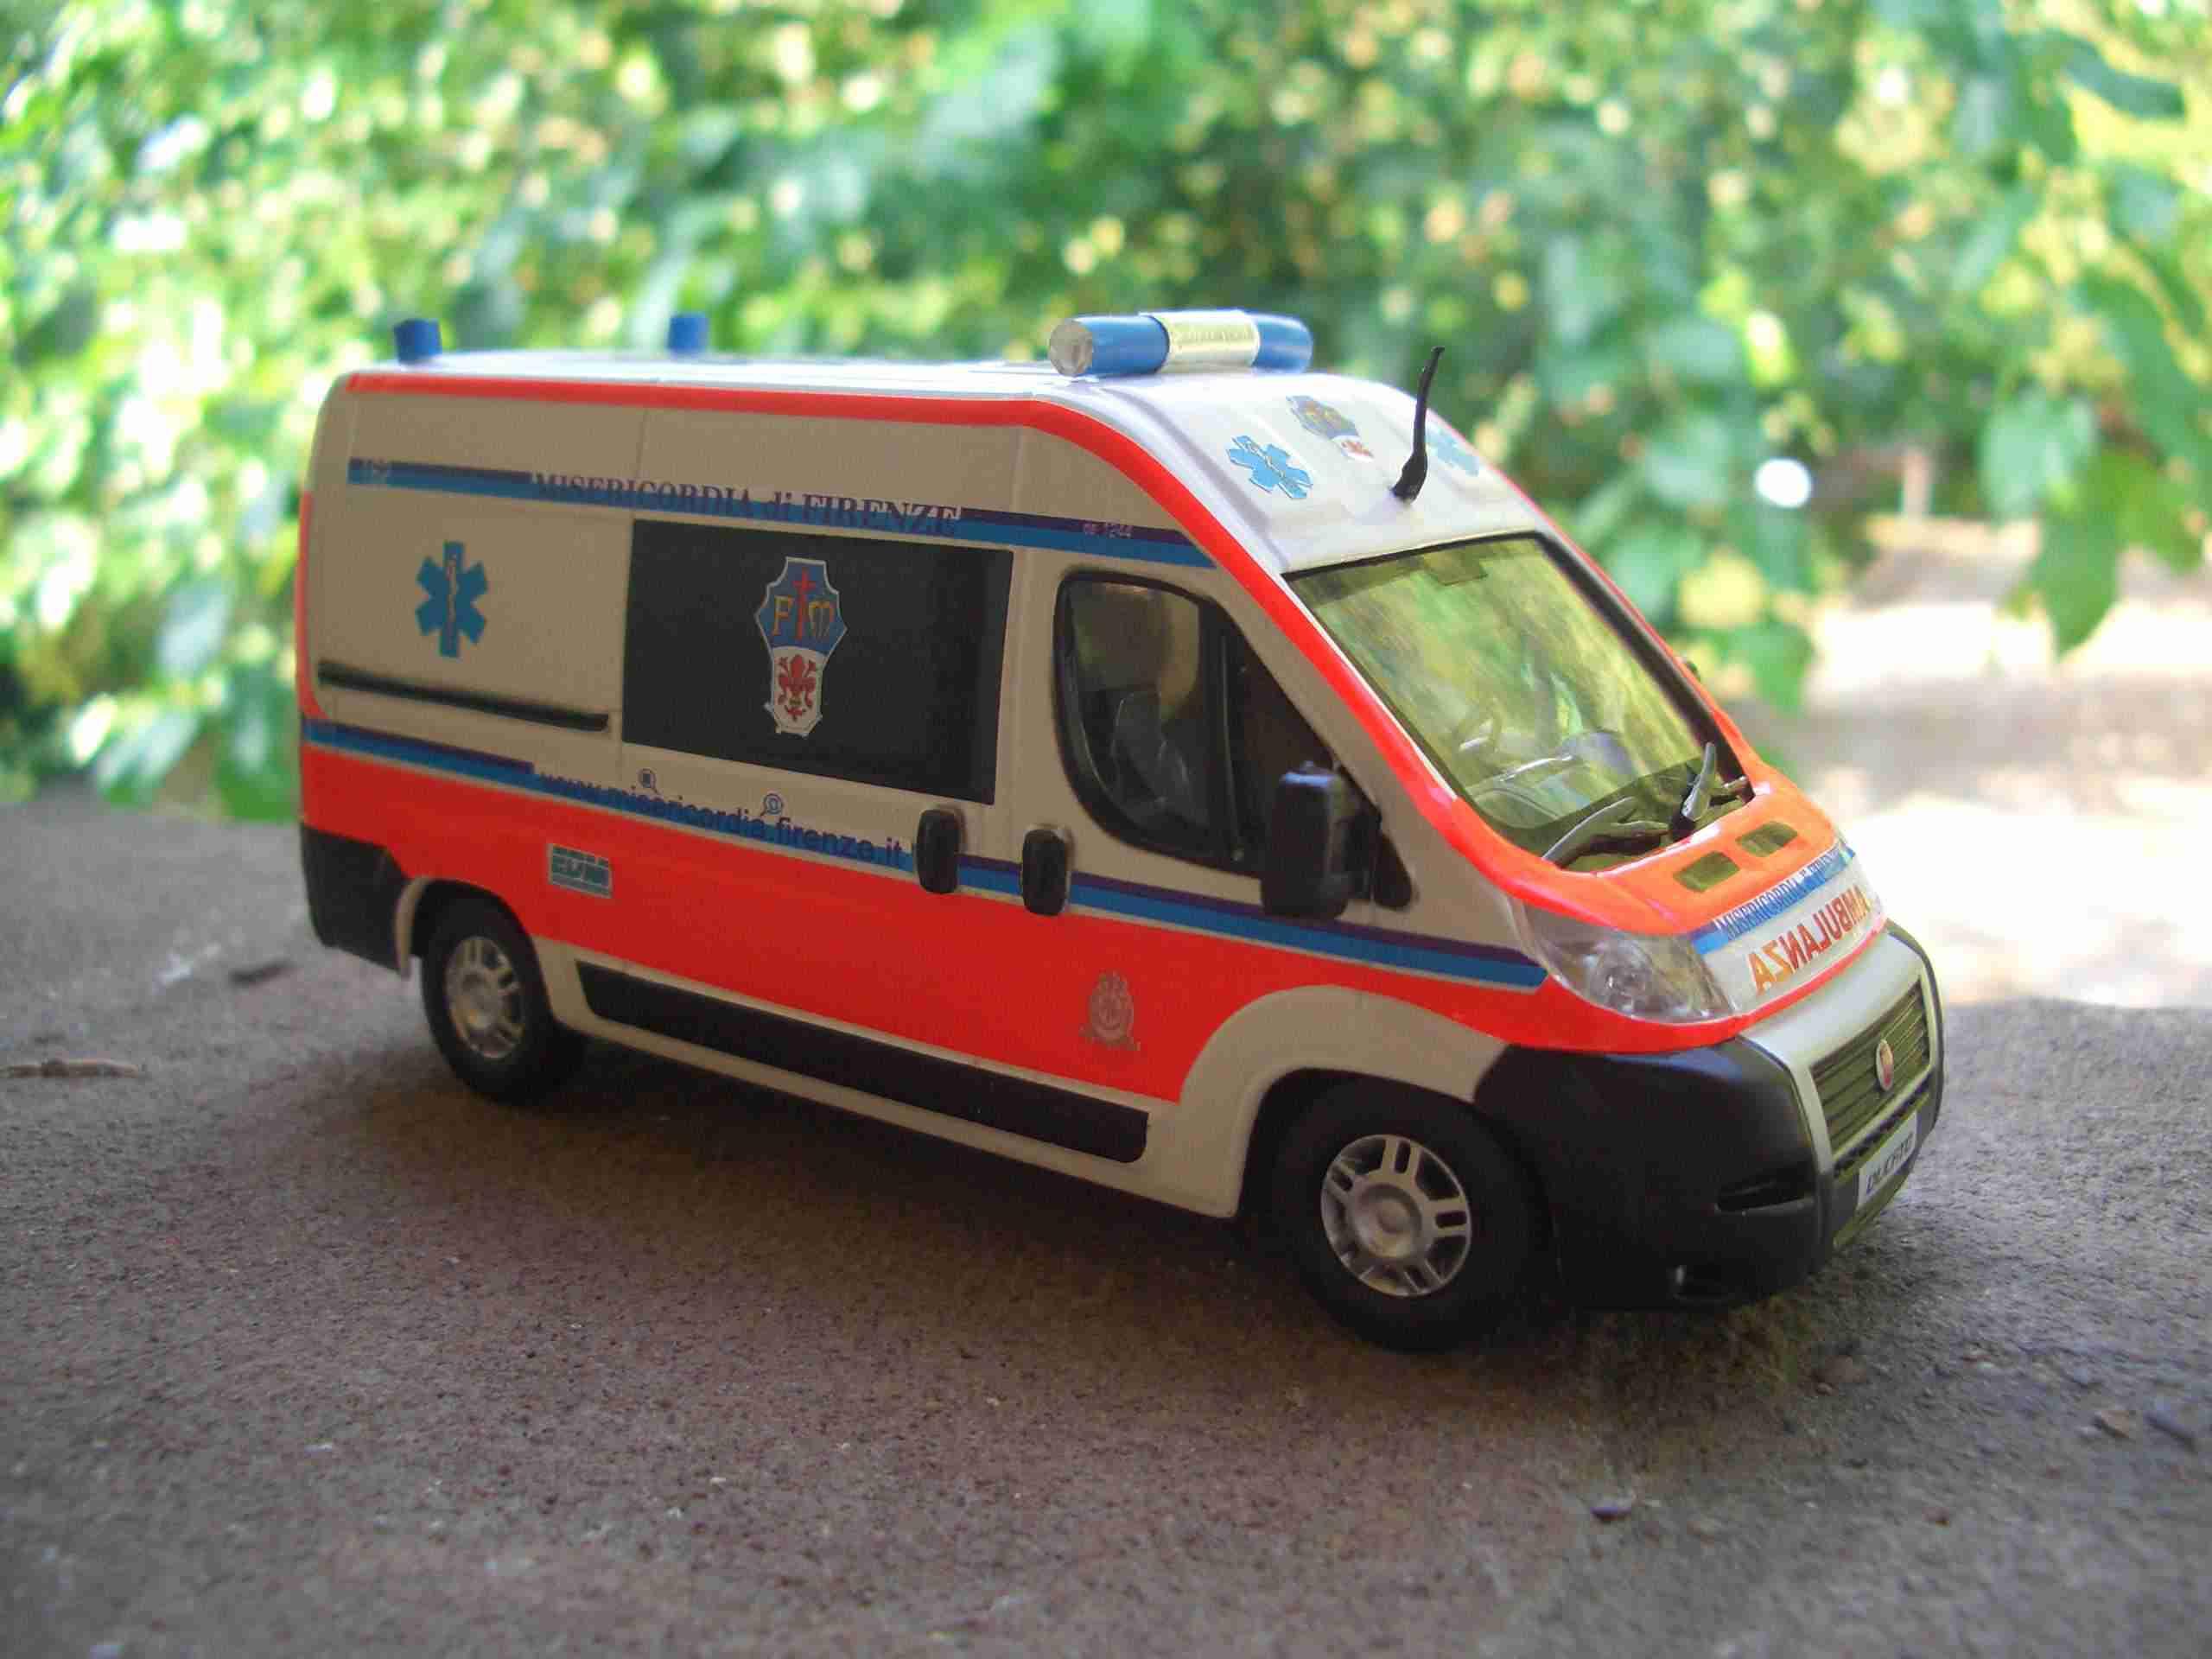 20140917115044-ambulanza-edm